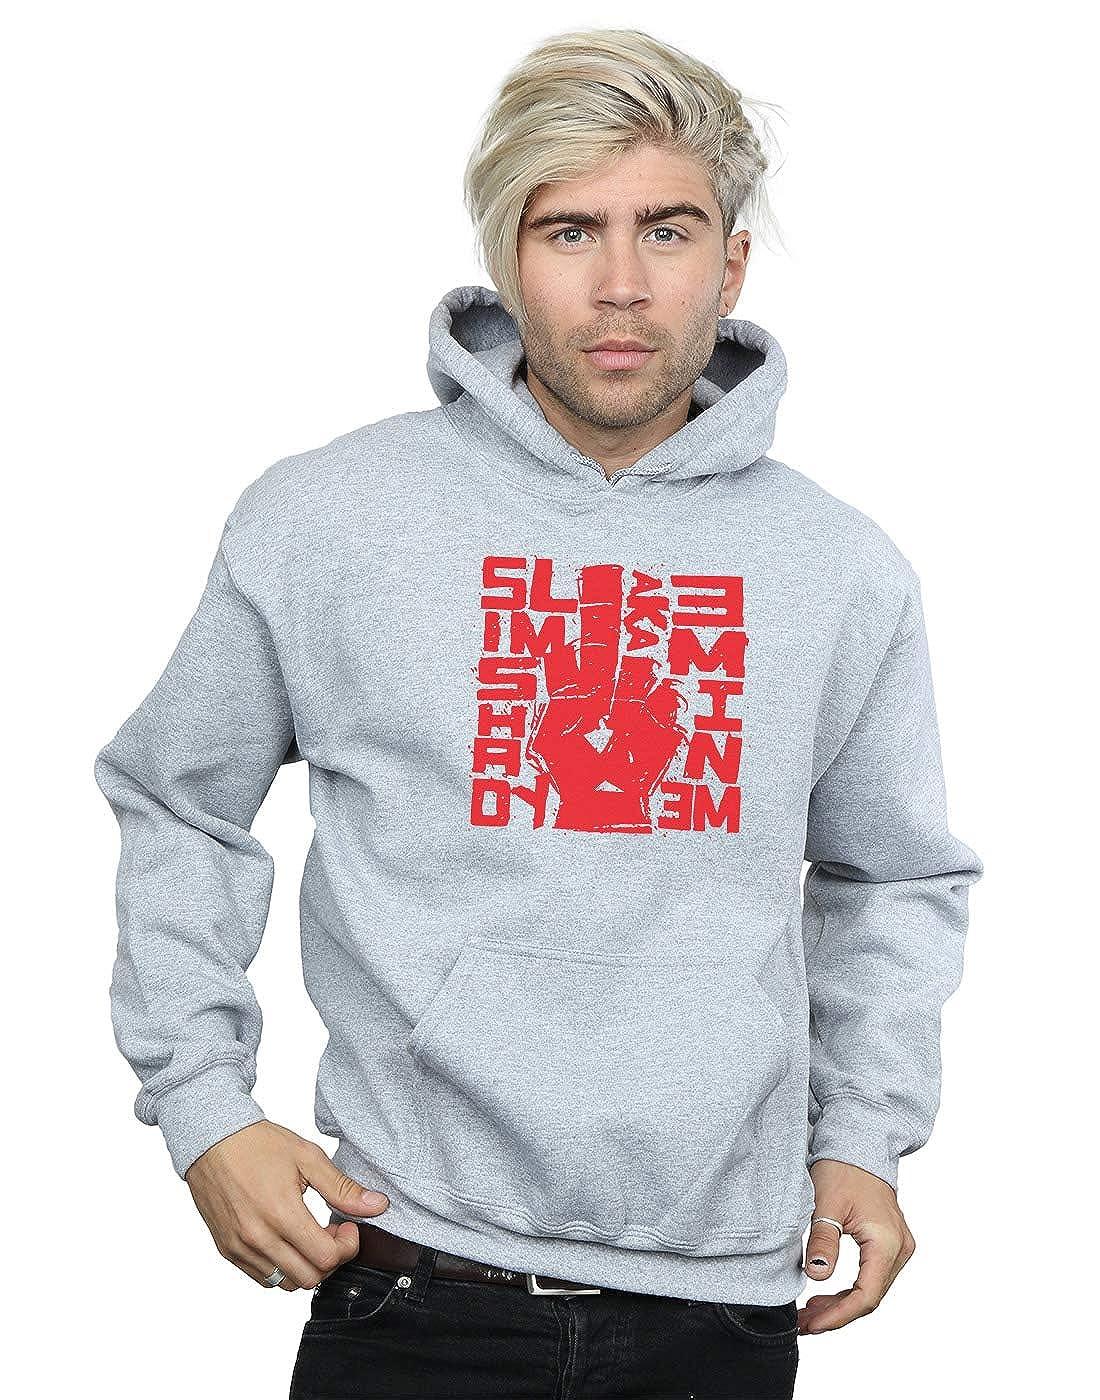 Eminem Herren Slim Shady Finger Kapuzenpullover